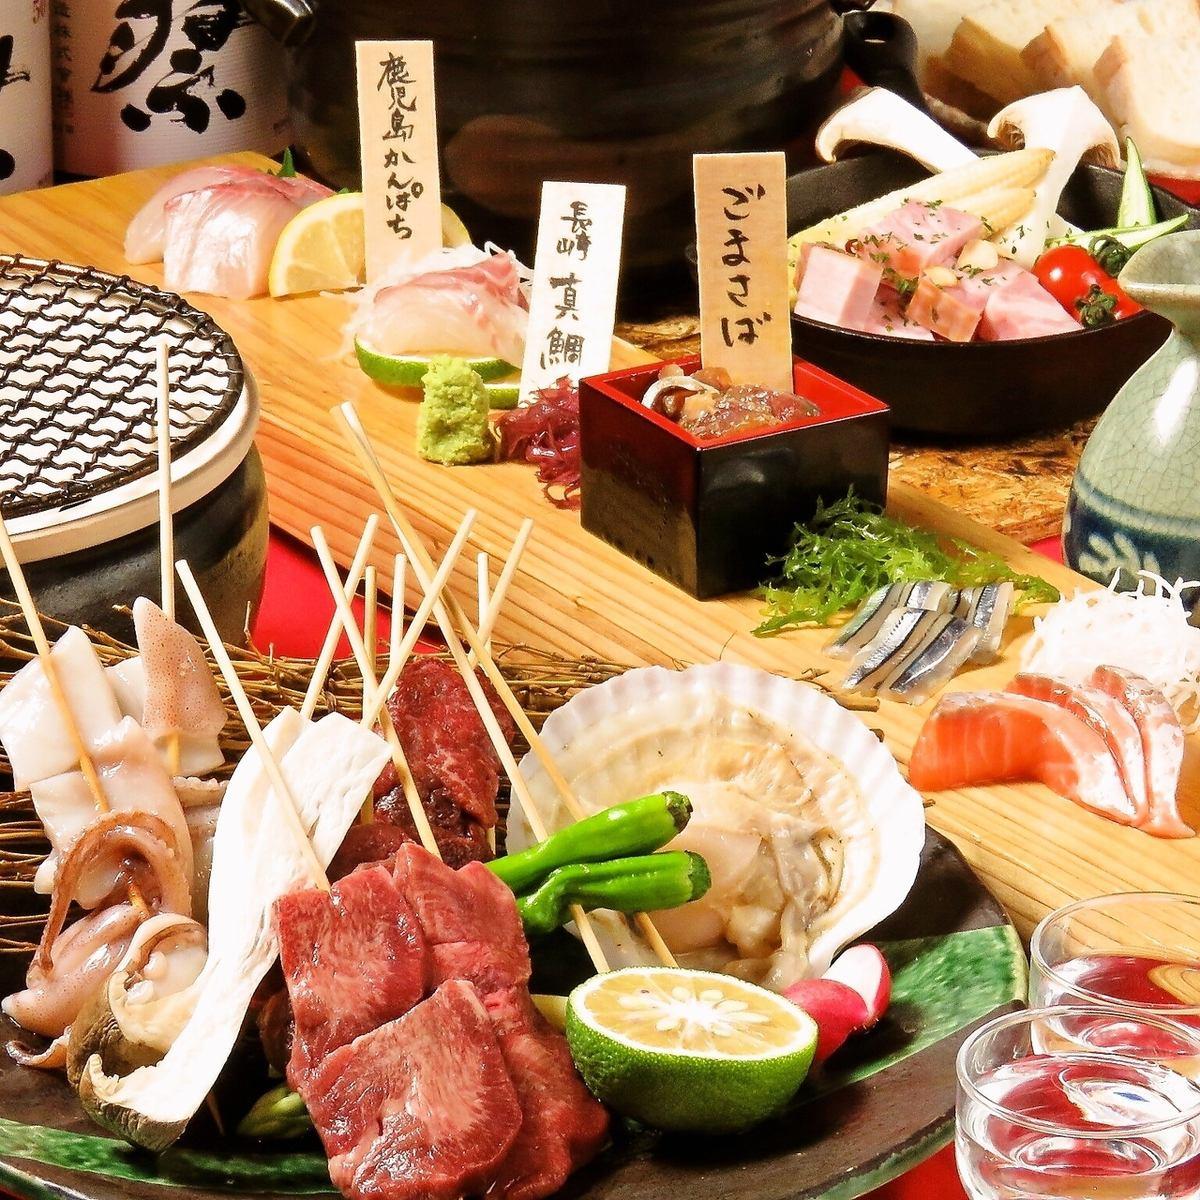 九州の旬を炭火で炙るお料理は絶品~博多名物を存分に味わうならココ~